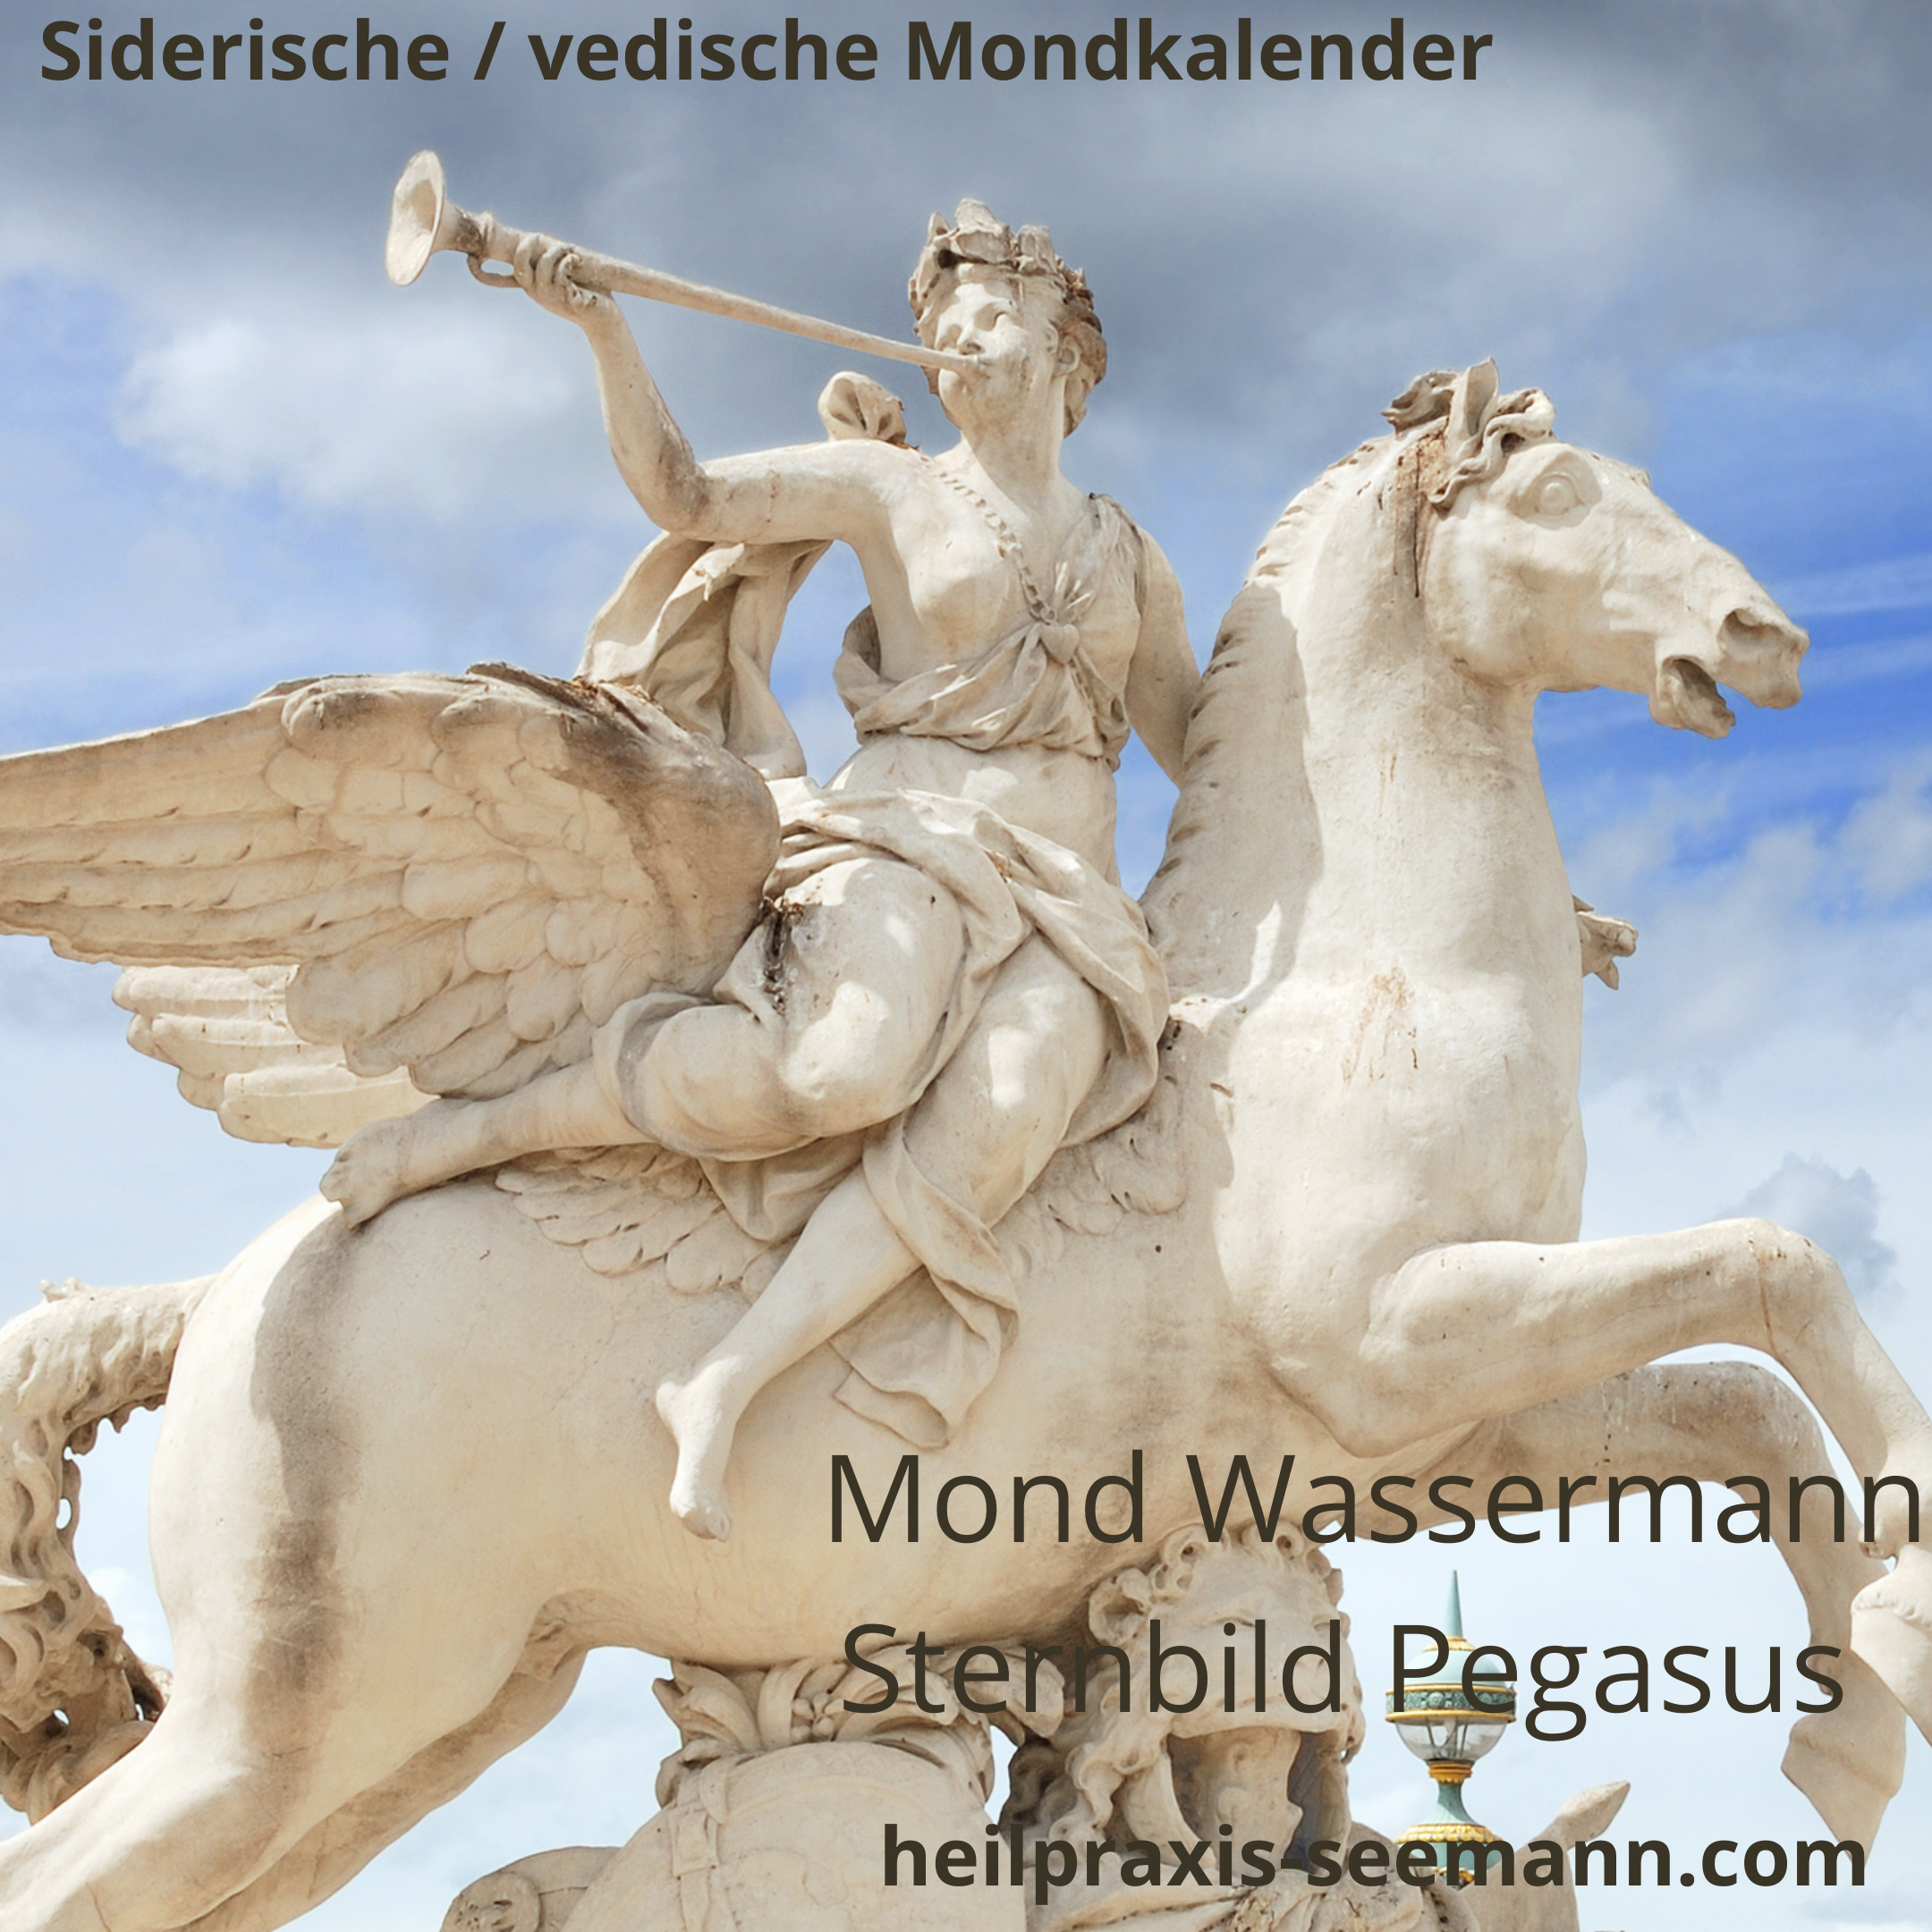 Siderische Mondkalende Wassermann (1)